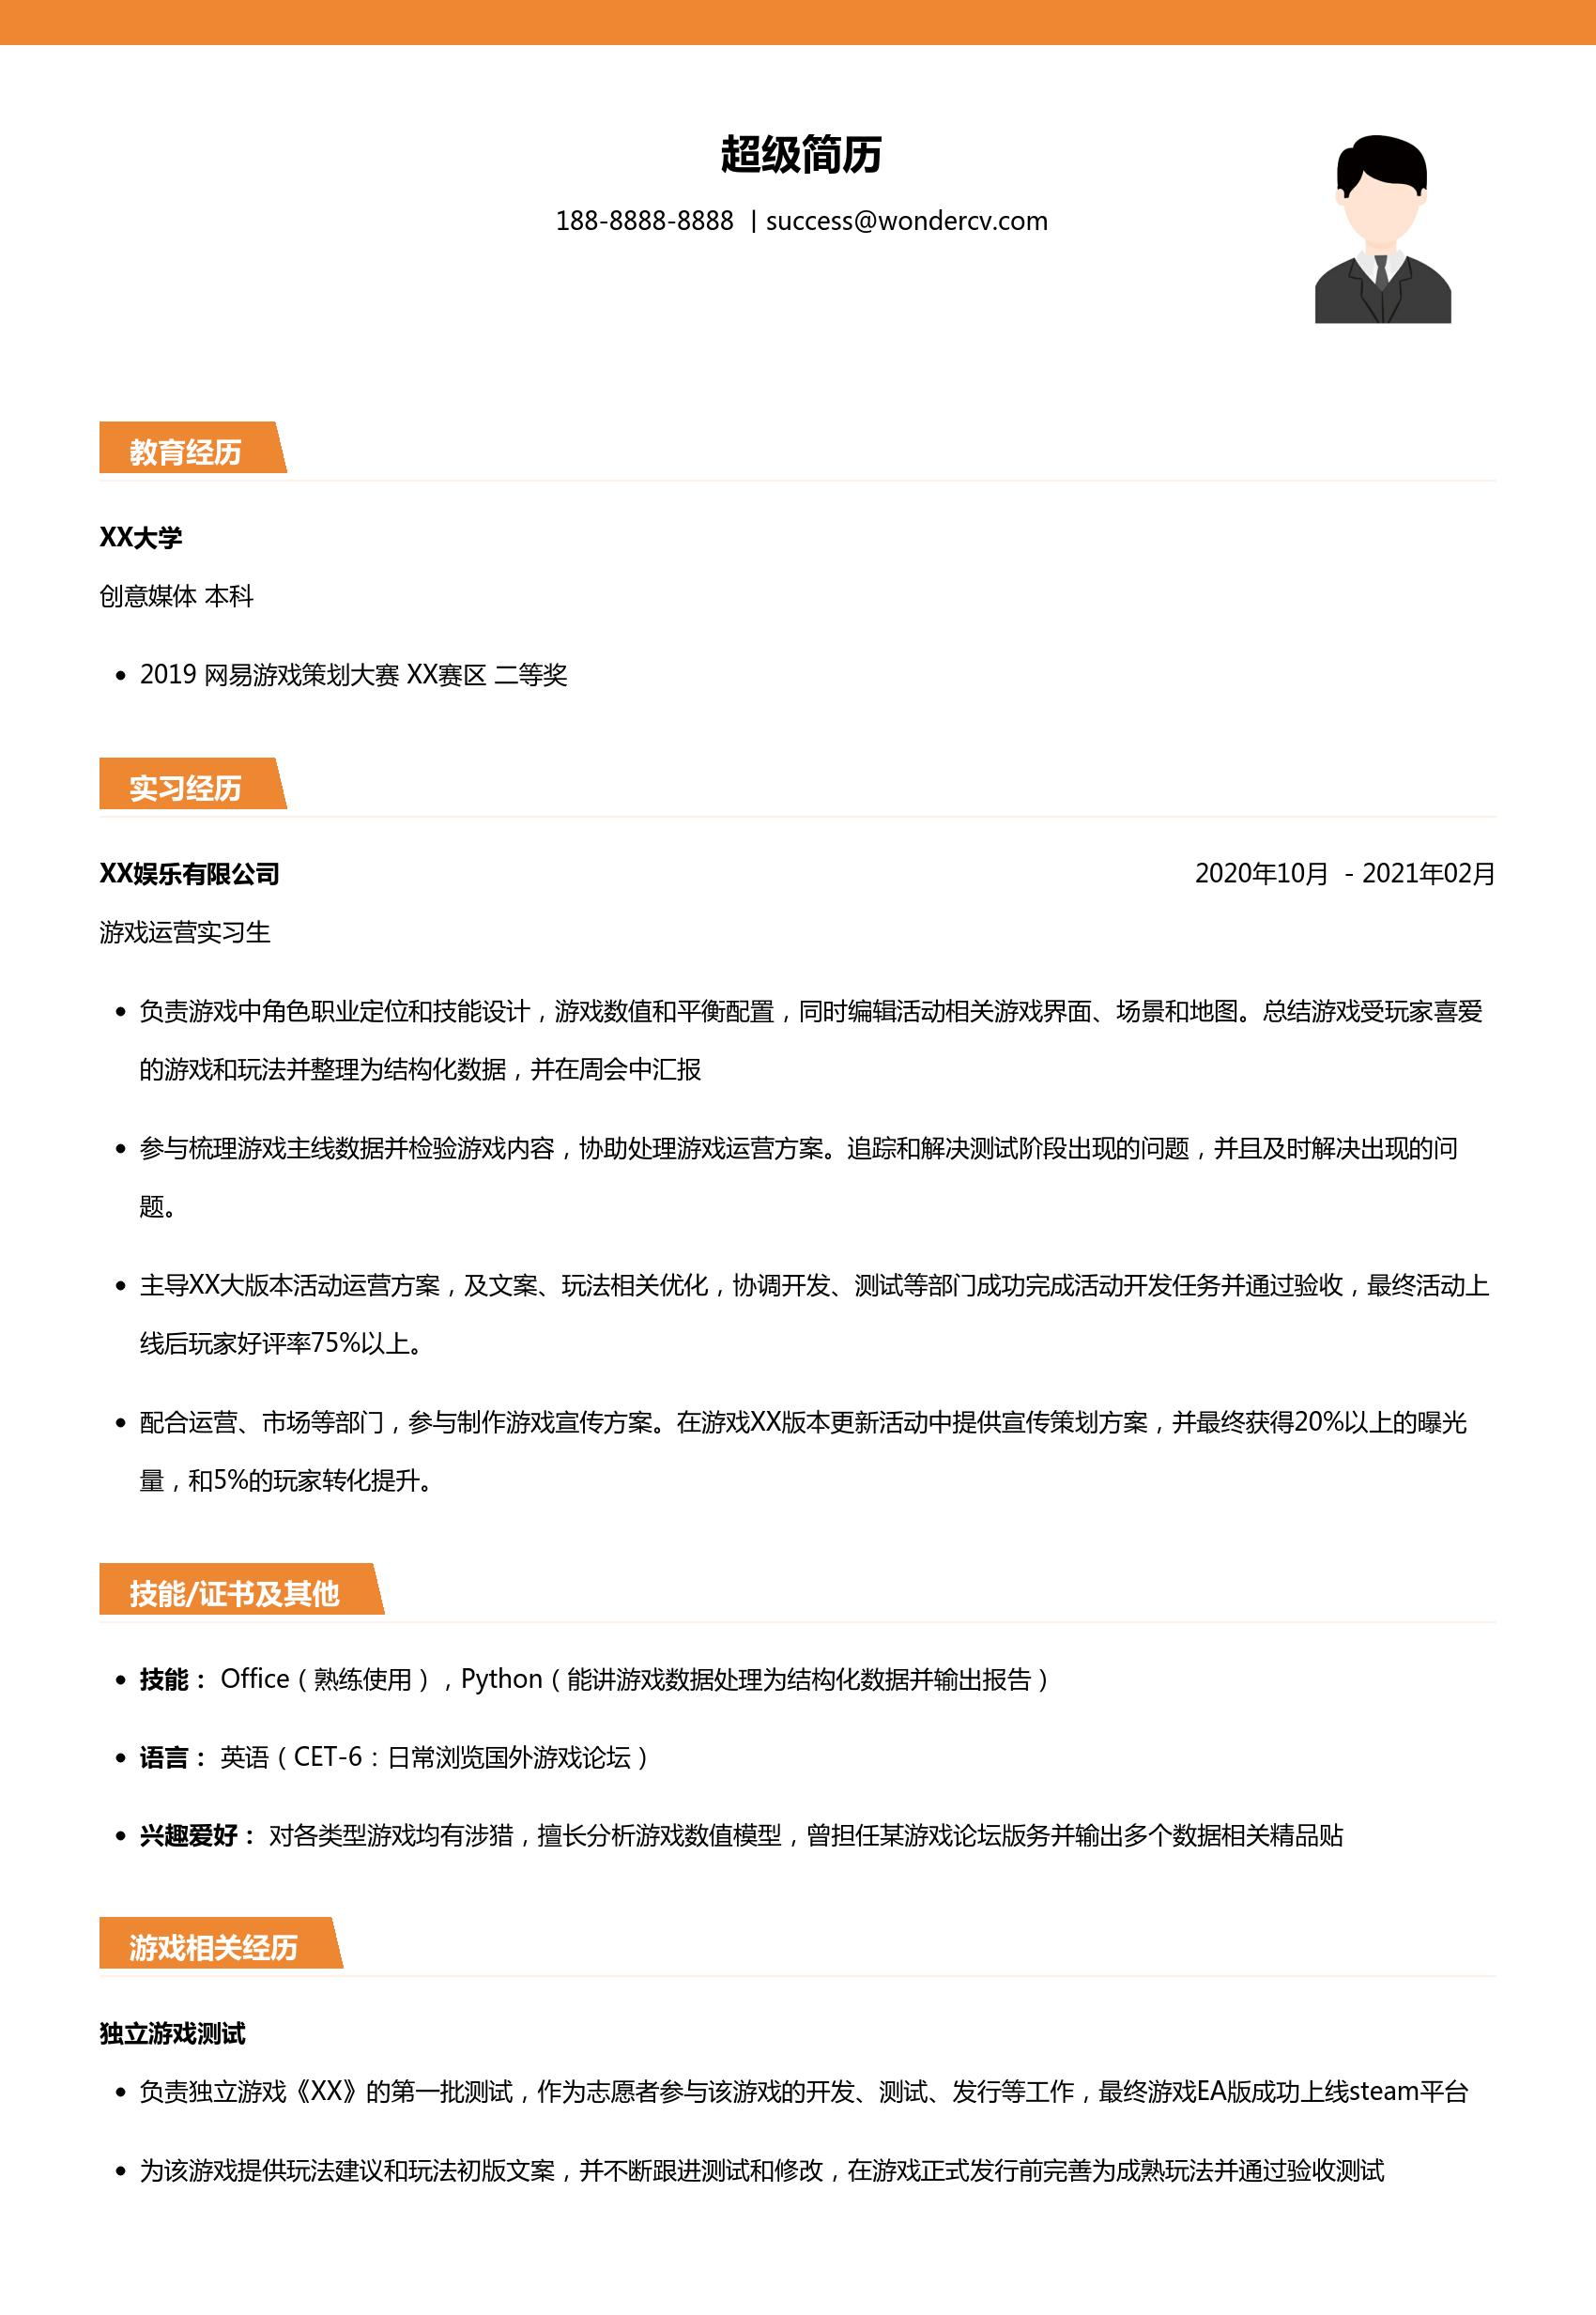 莉莉丝 2022校招简历模板